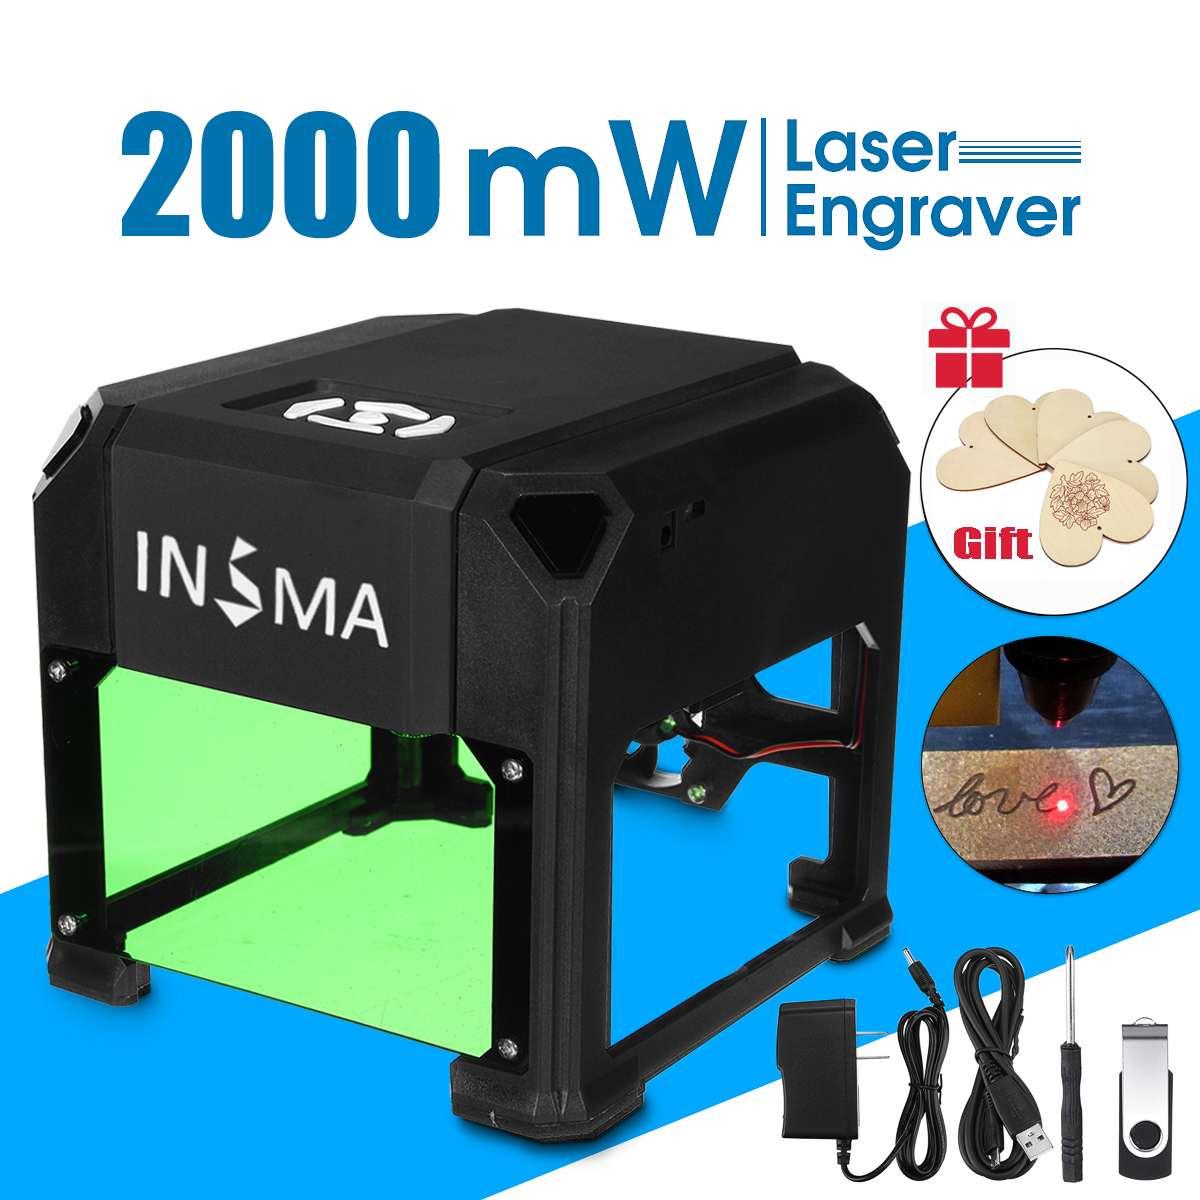 2000 mW/3000 mW Bureau Laser Machine de Gravure USB logo bricolage CNC Imprimante Laser Graveur Avec Coeur Planche De Bois